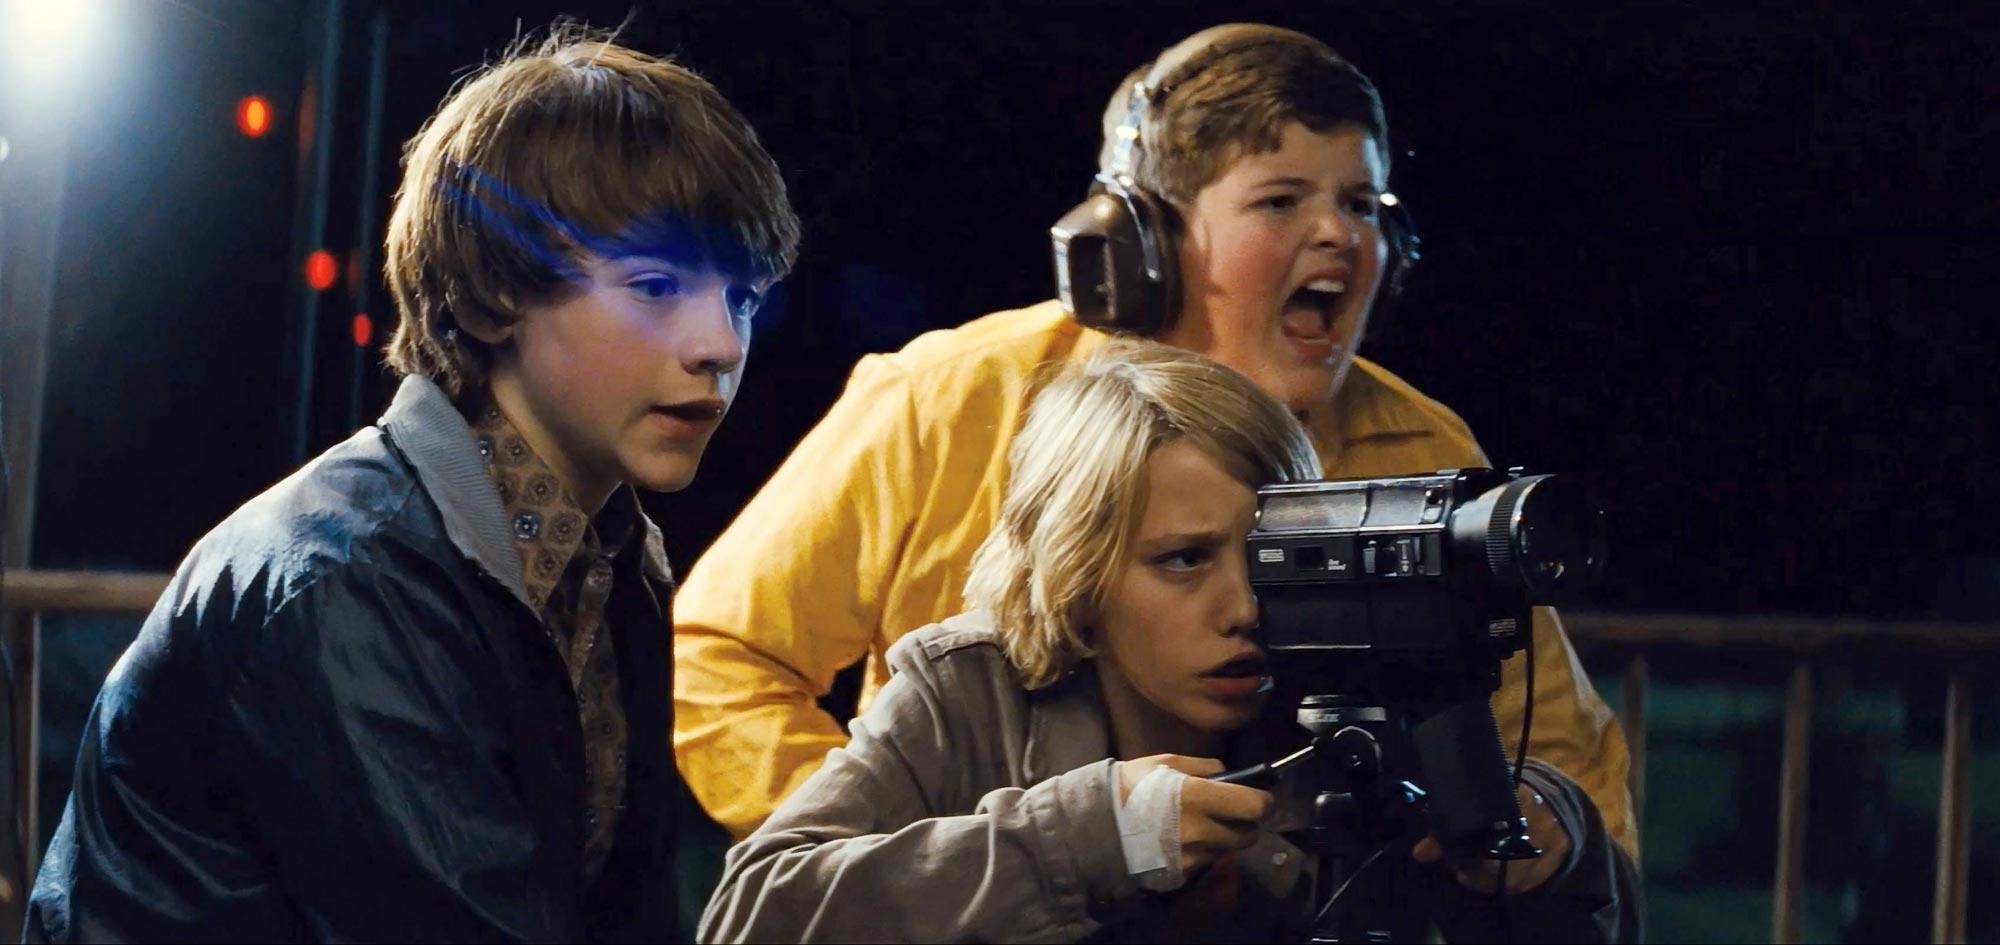 Η Kodak επαναφέρει τη θρυλική αναλογική κάμερα Super 8!